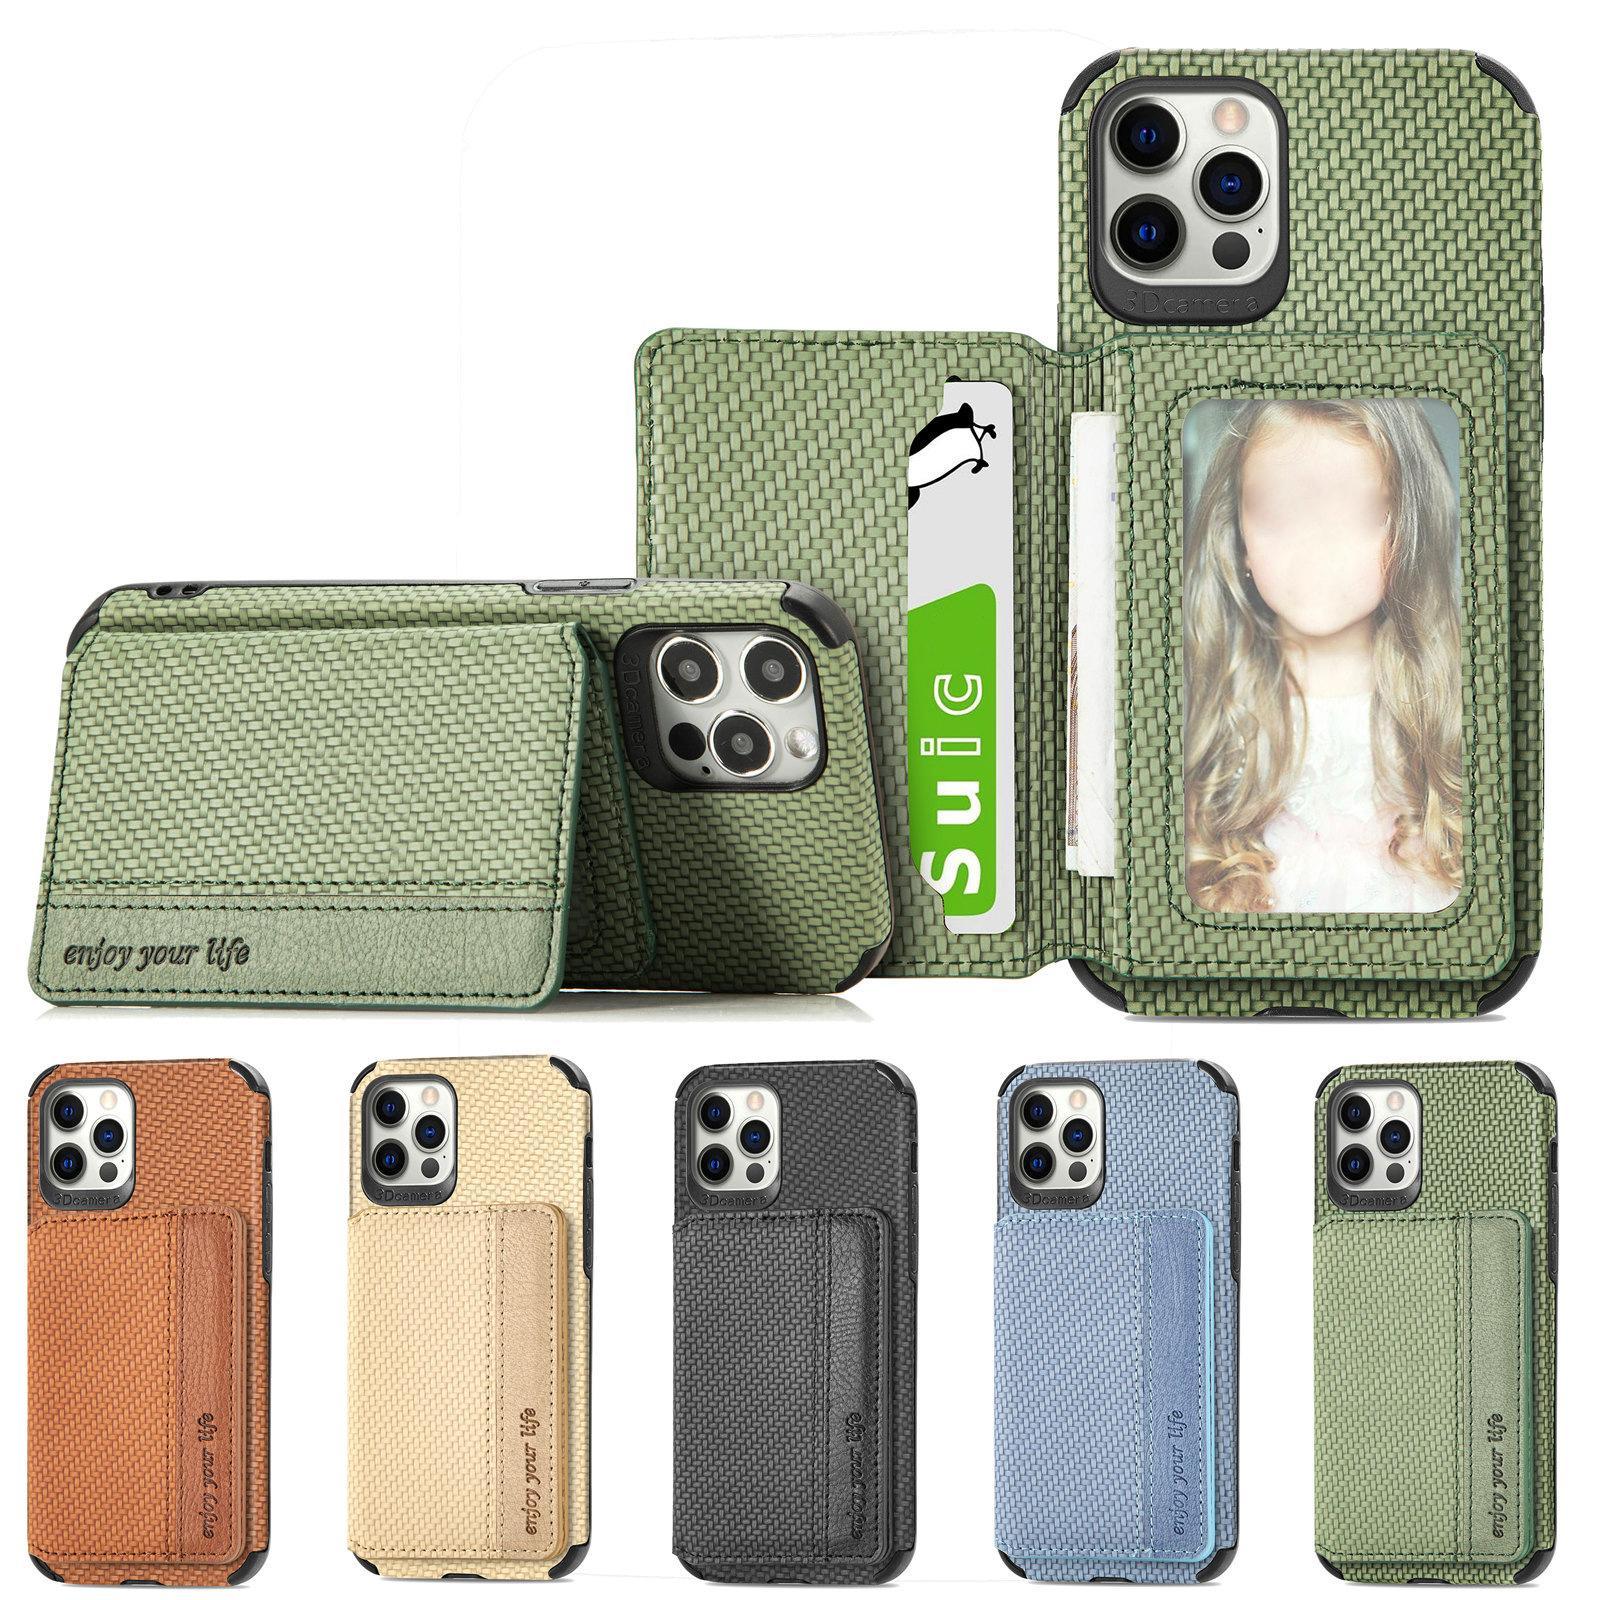 Gewebt Muster Brieftasche Schutzfälle für Samsung Galaxy A32 A42 A52 A72 A70 A02 Anmerkung 20 S20 Fe S21 Ultra S10 Multifunktionale Magnetkartentasche Schutztelefonabdeckung